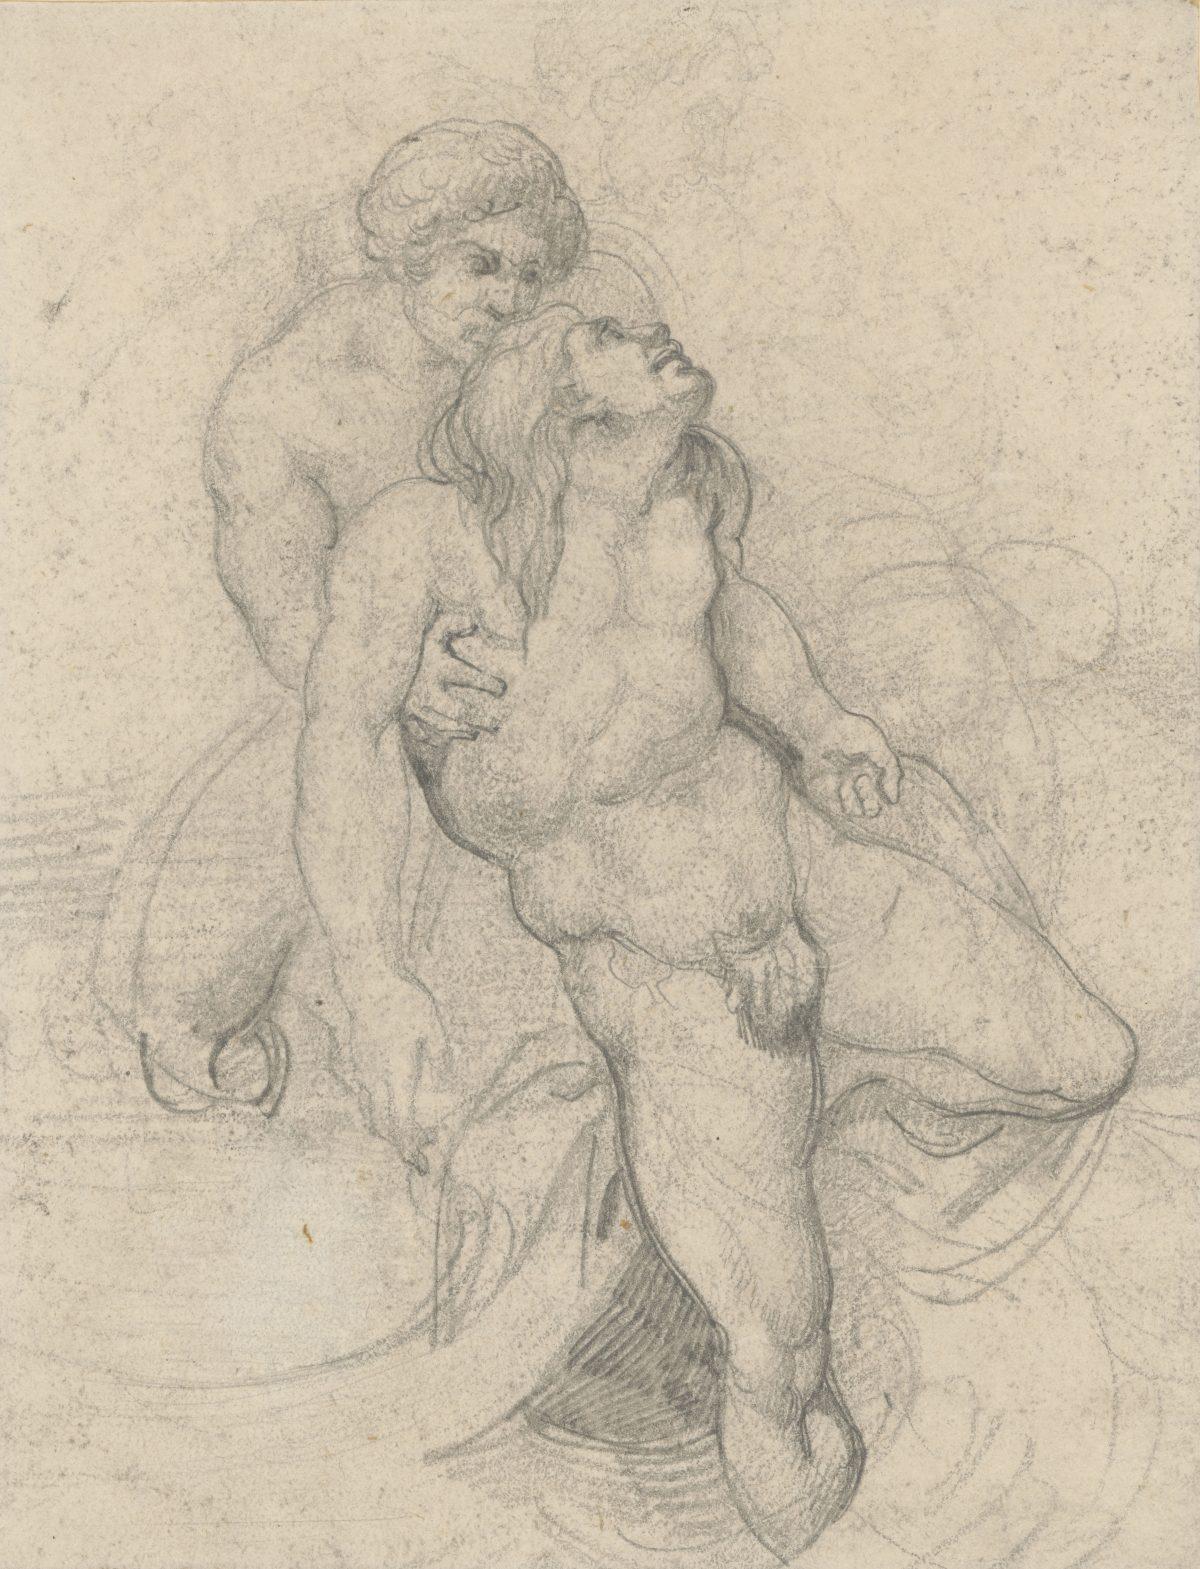 """Théodore Géricault, Studie zu """"Das Floß der Medusa"""", 1818, Bleistift, 231 x 179 mm Blattmaß © Staatliche Graphische Sammlung München"""